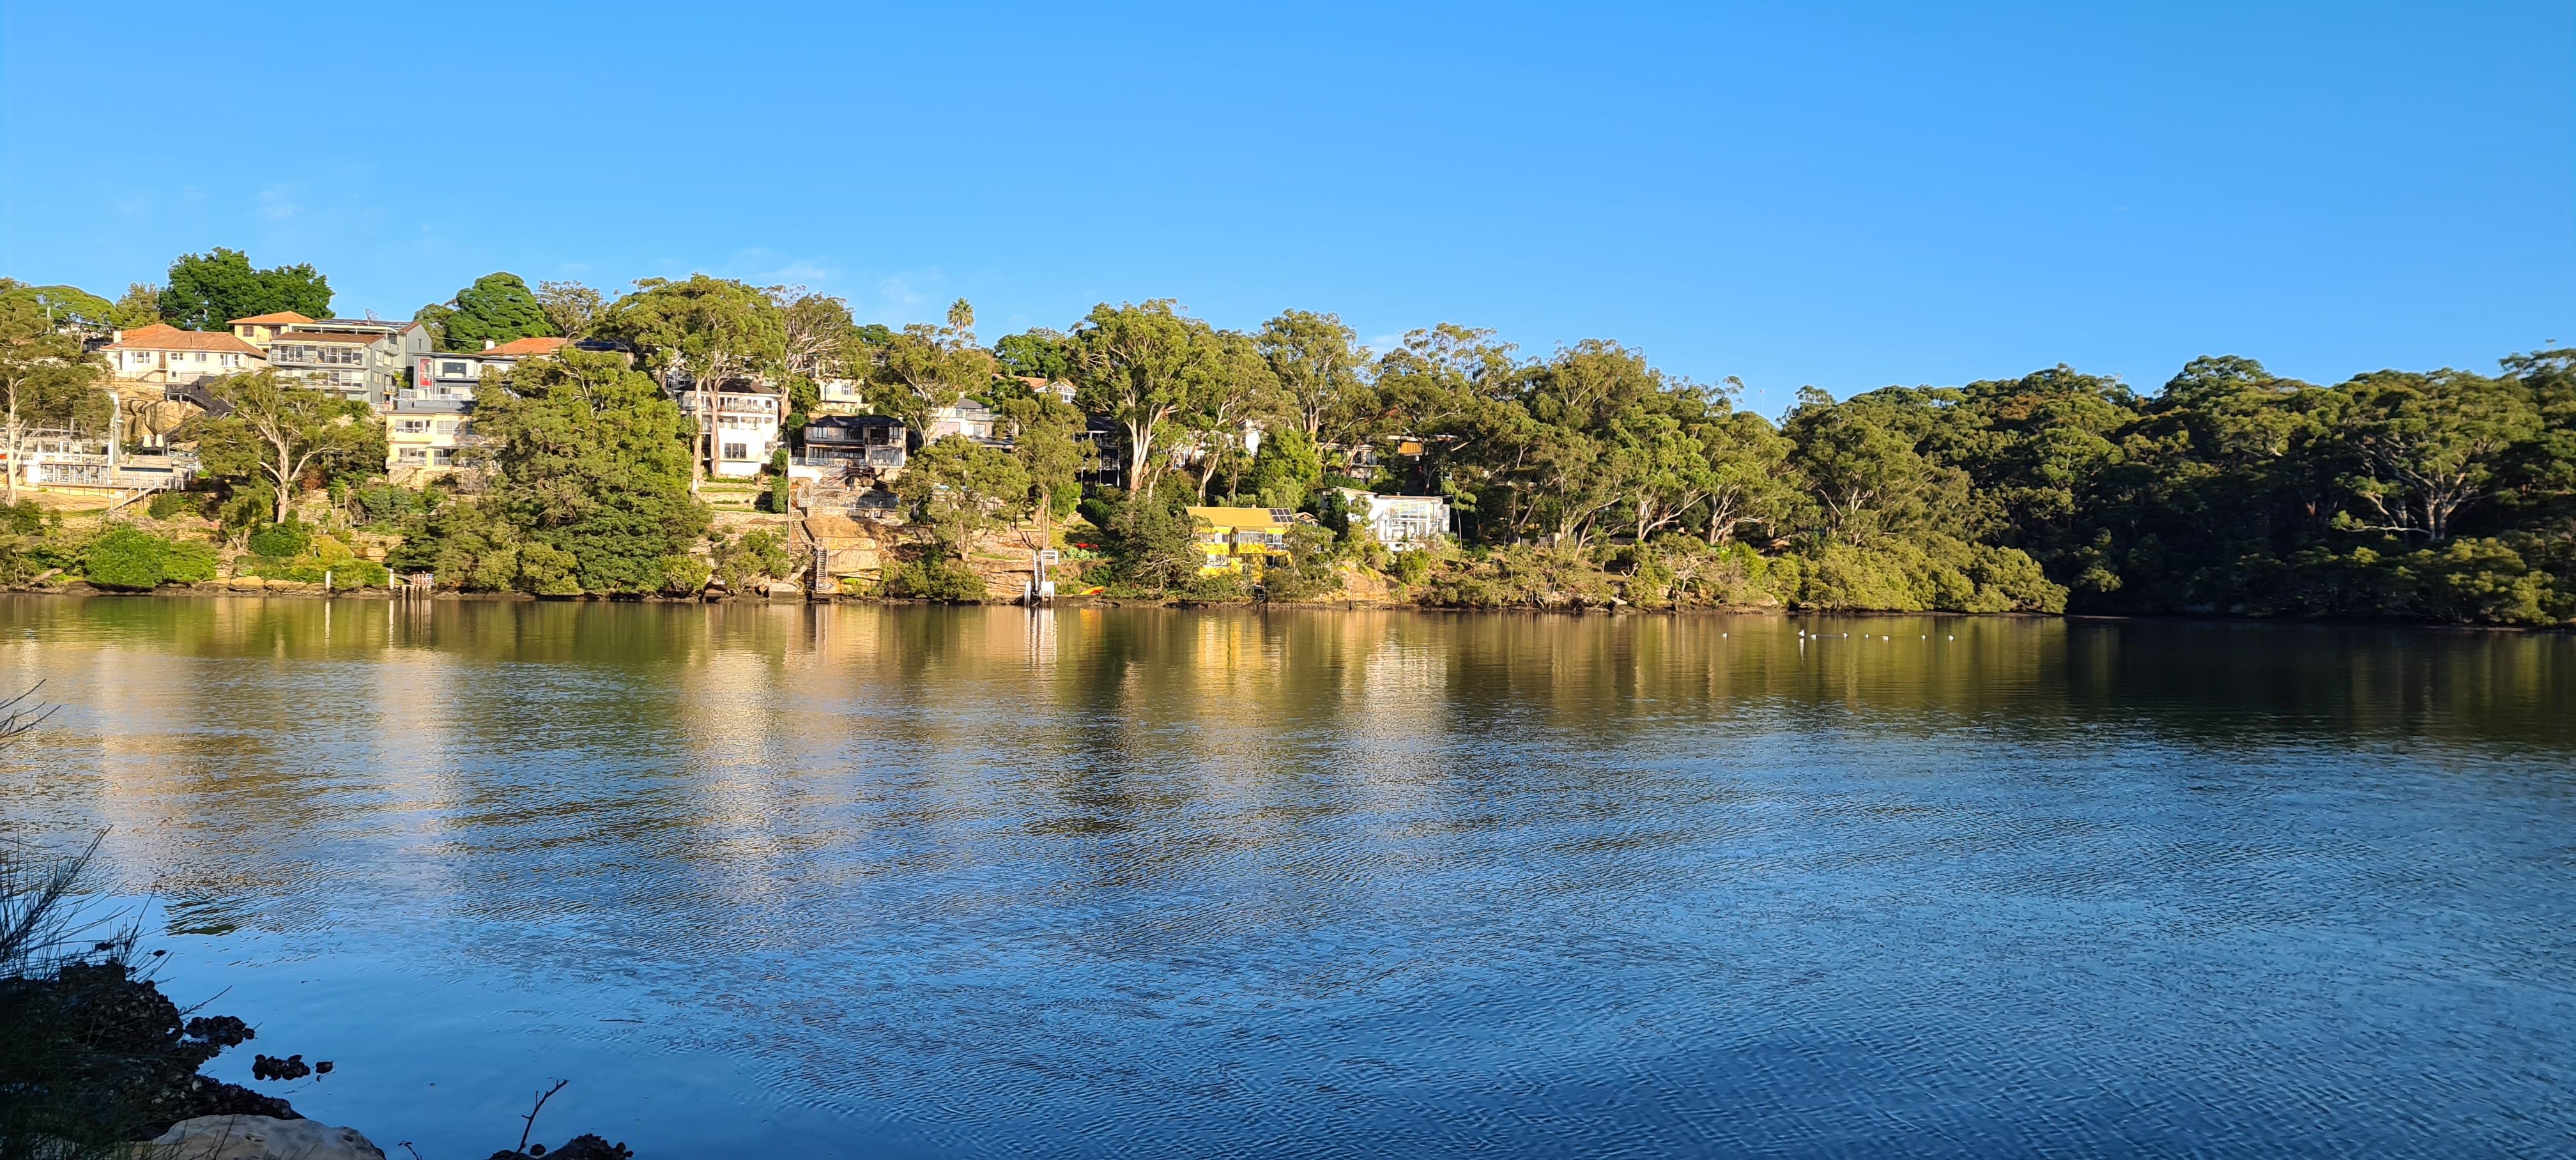 Lane Cove River, Cunninghams Reach